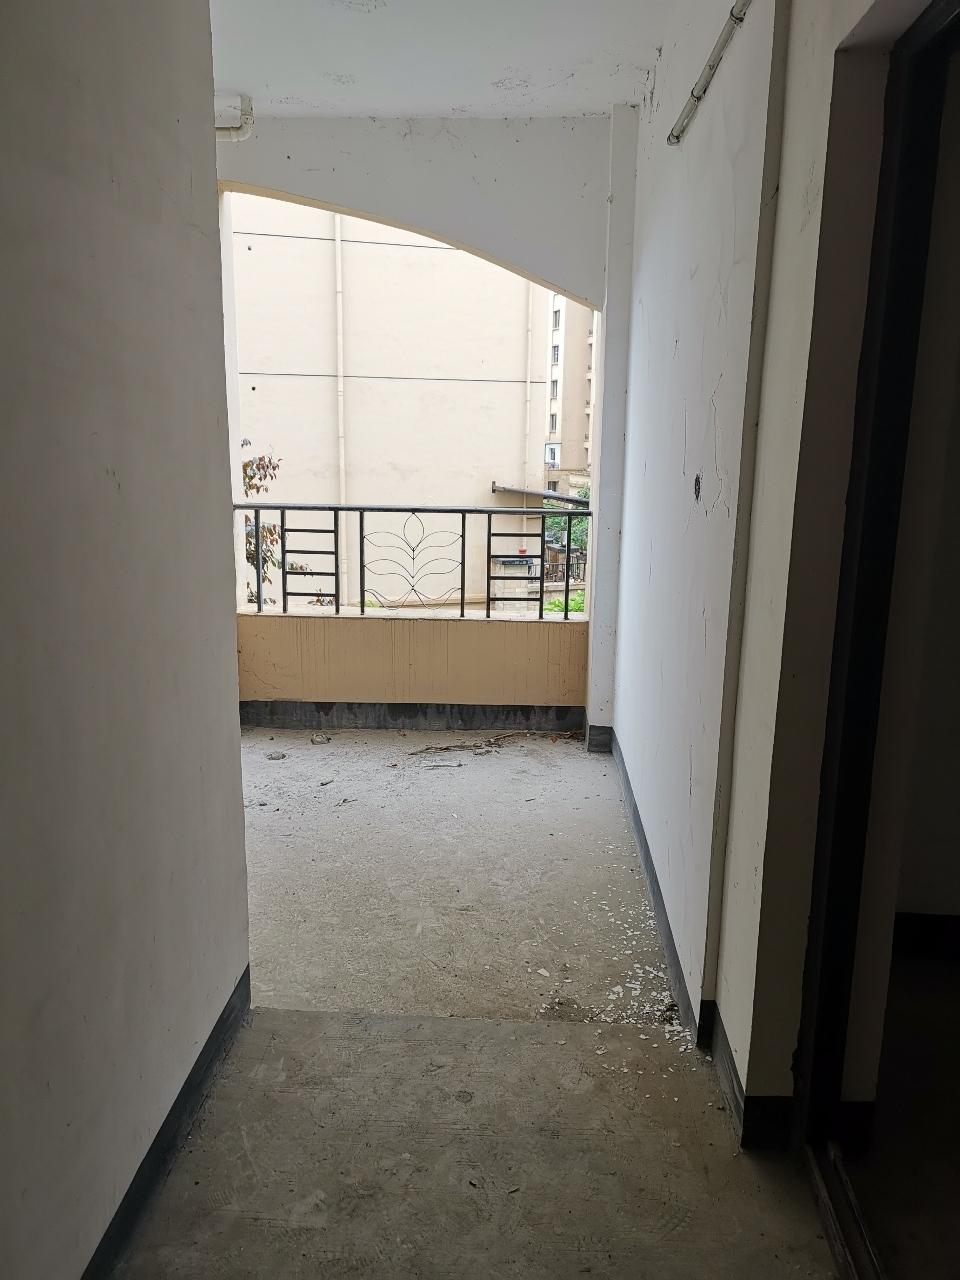 晋鹏·山台山4室 2厅 2卫75万元